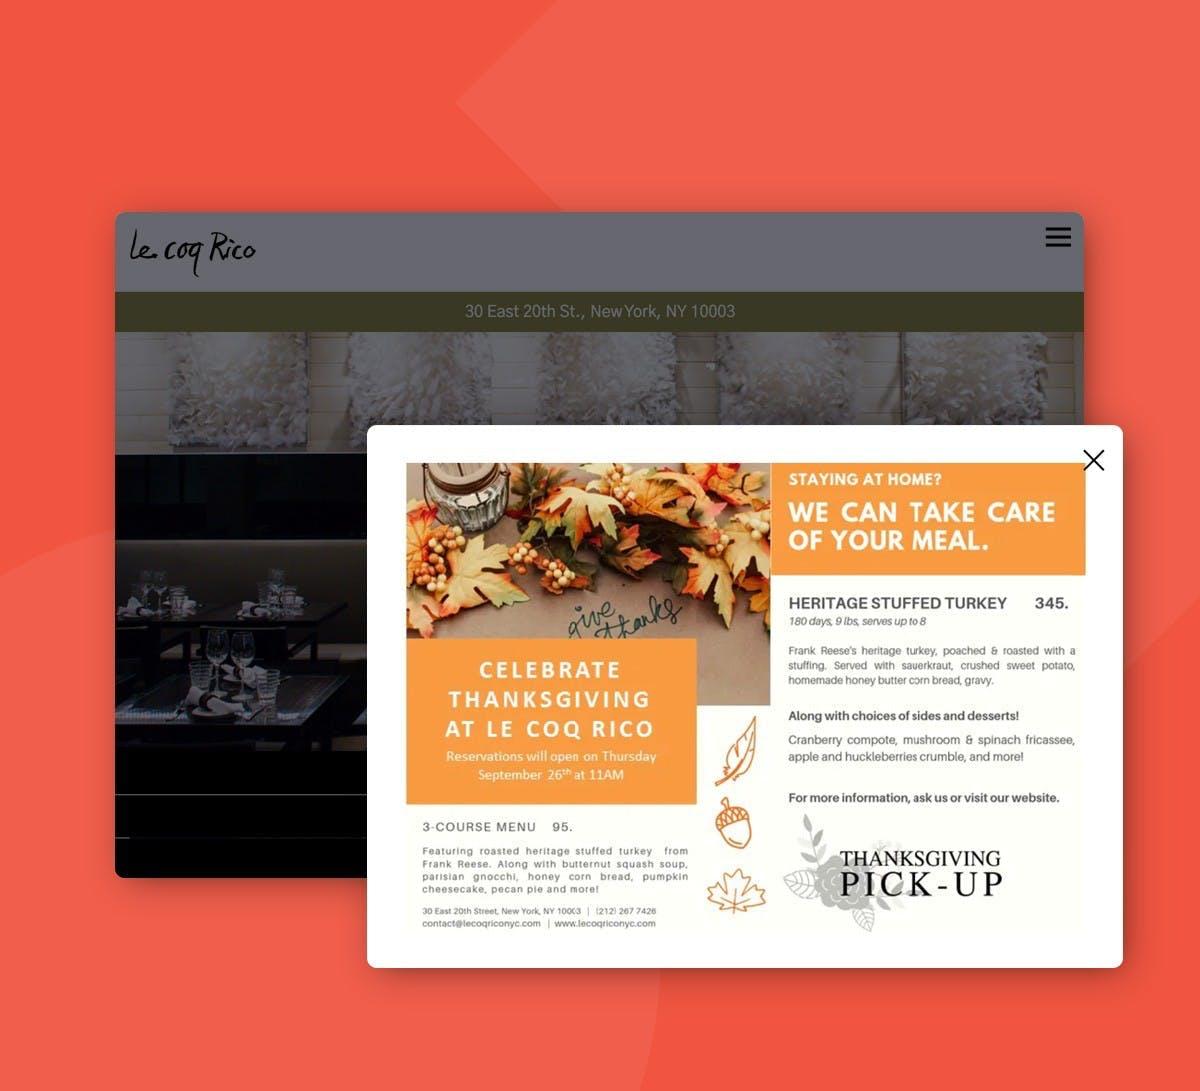 a screenshot of Le Coq Rico holiday menu